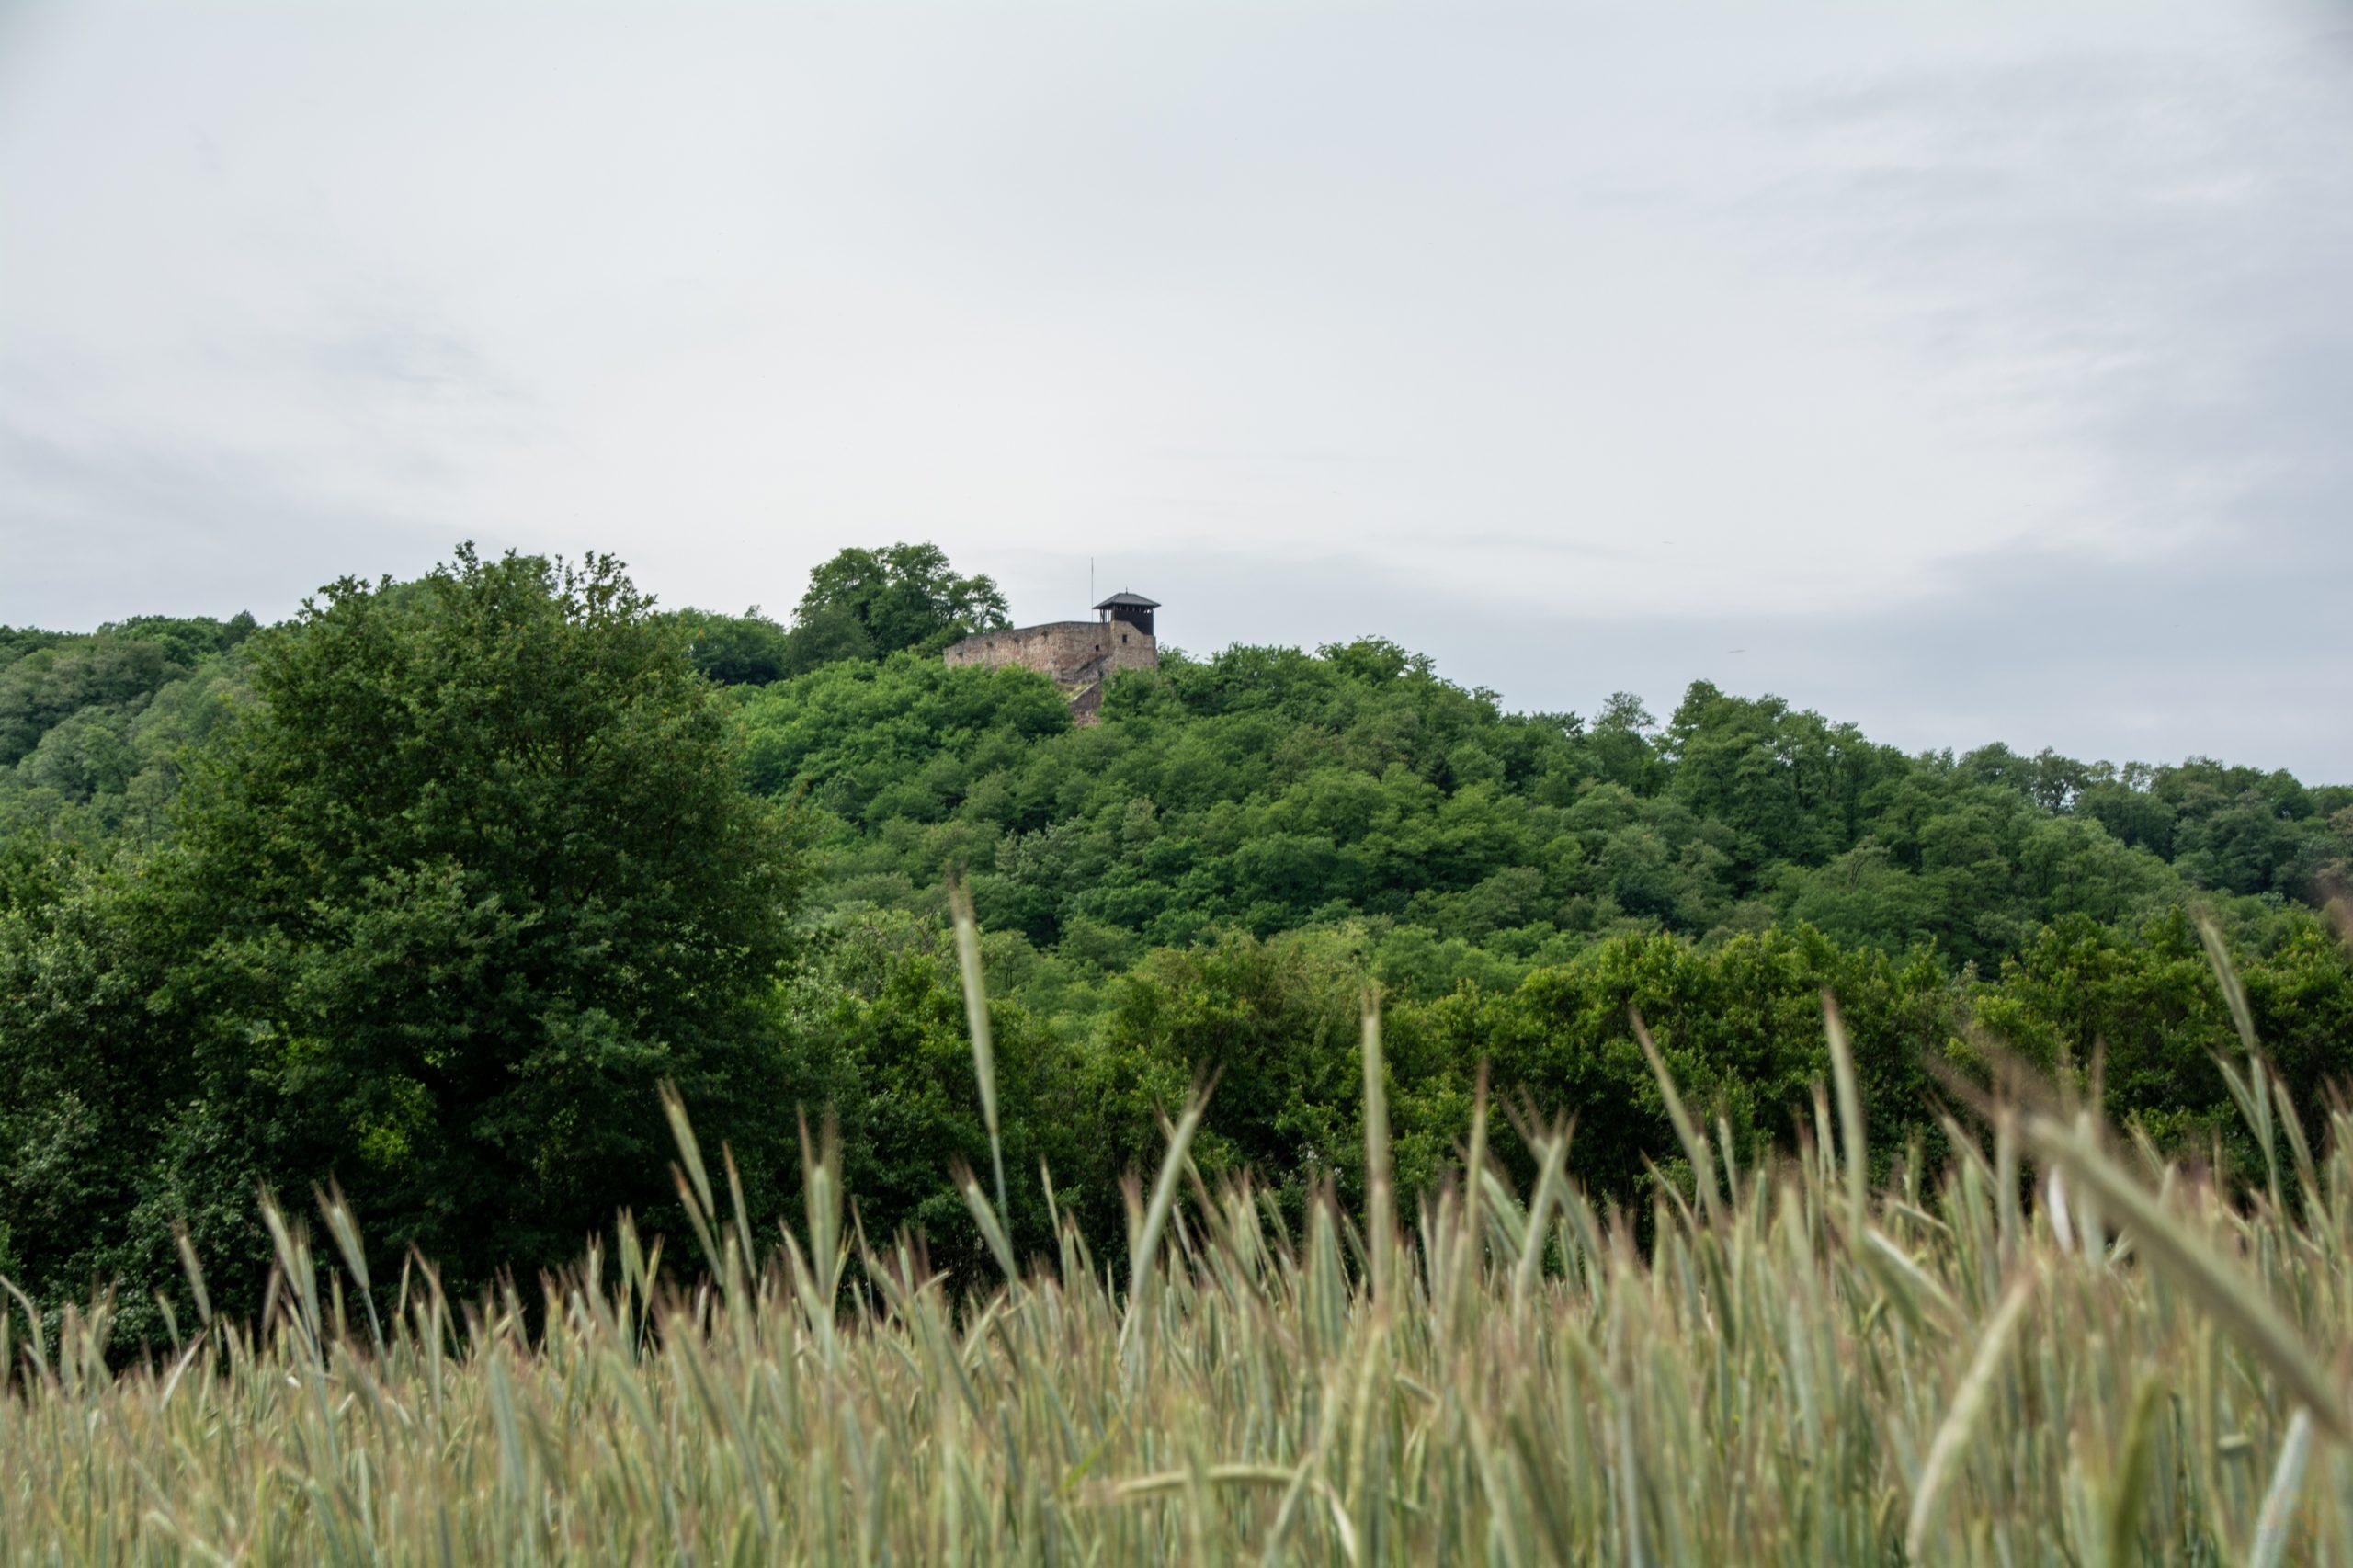 Traumschleife VaubanSteig | Saarland | Teufelsburg